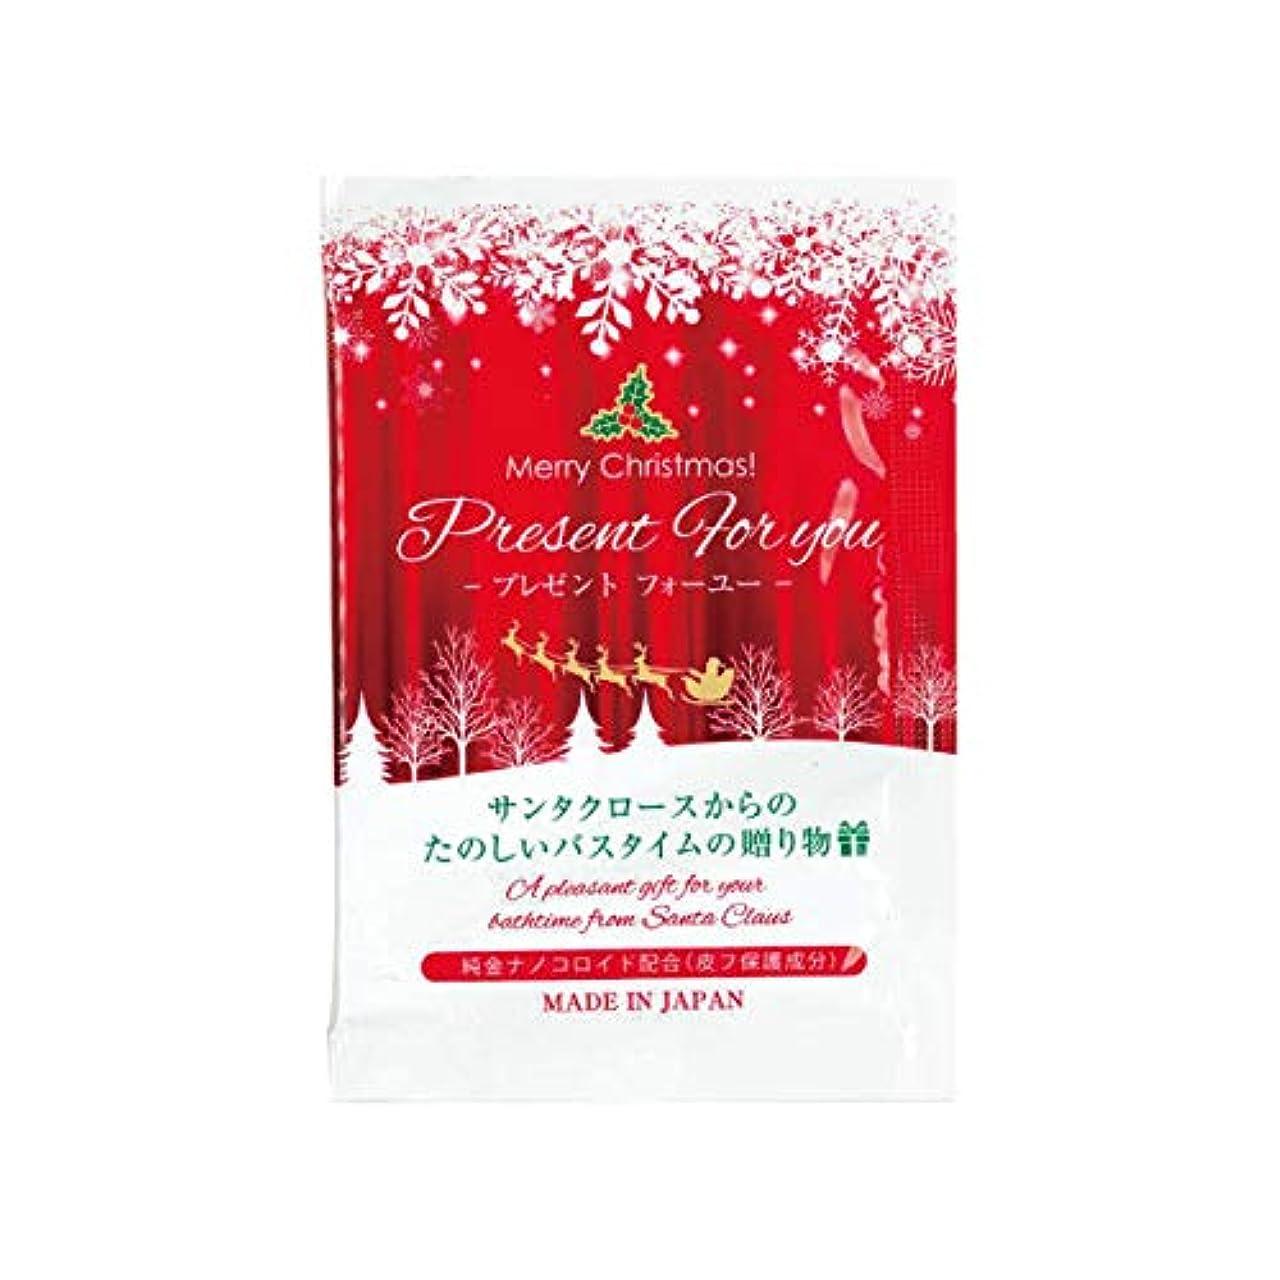 通り振るうレギュラー入浴剤 メリークリスマス プレゼントフォーユー 40個